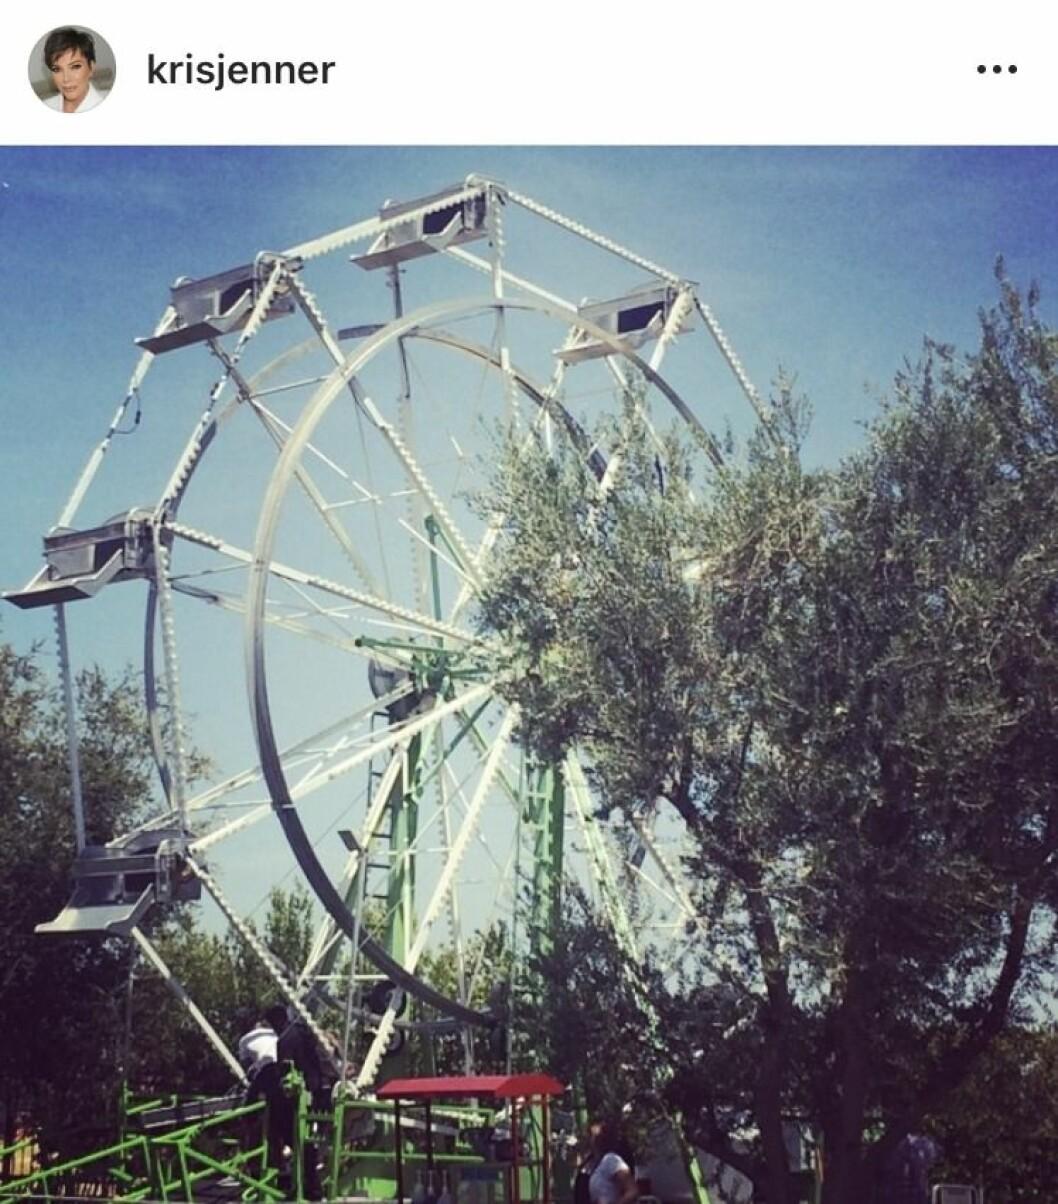 Ett pariserhjul mot blå himmel och lite träd